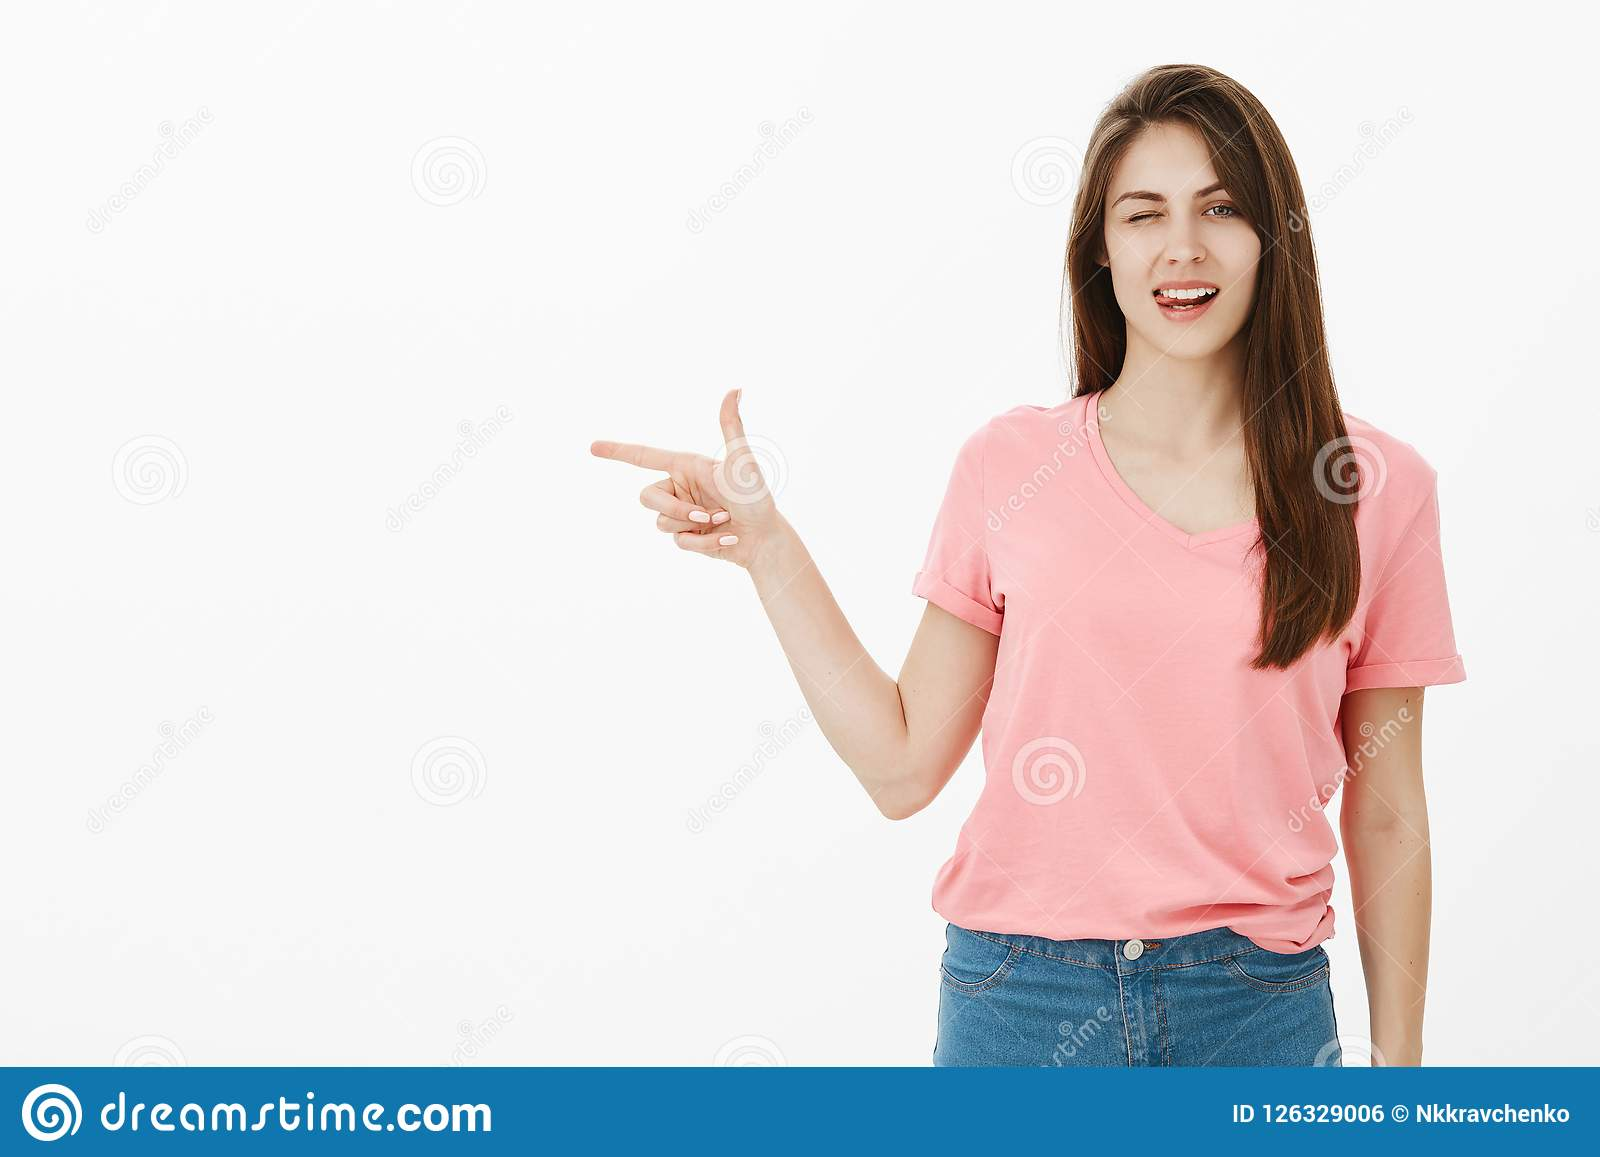 Да, оно определенно что нам нужно Милая flirty молодая женщина в розовой футболке, gazing sensually и подмигивая, показывая